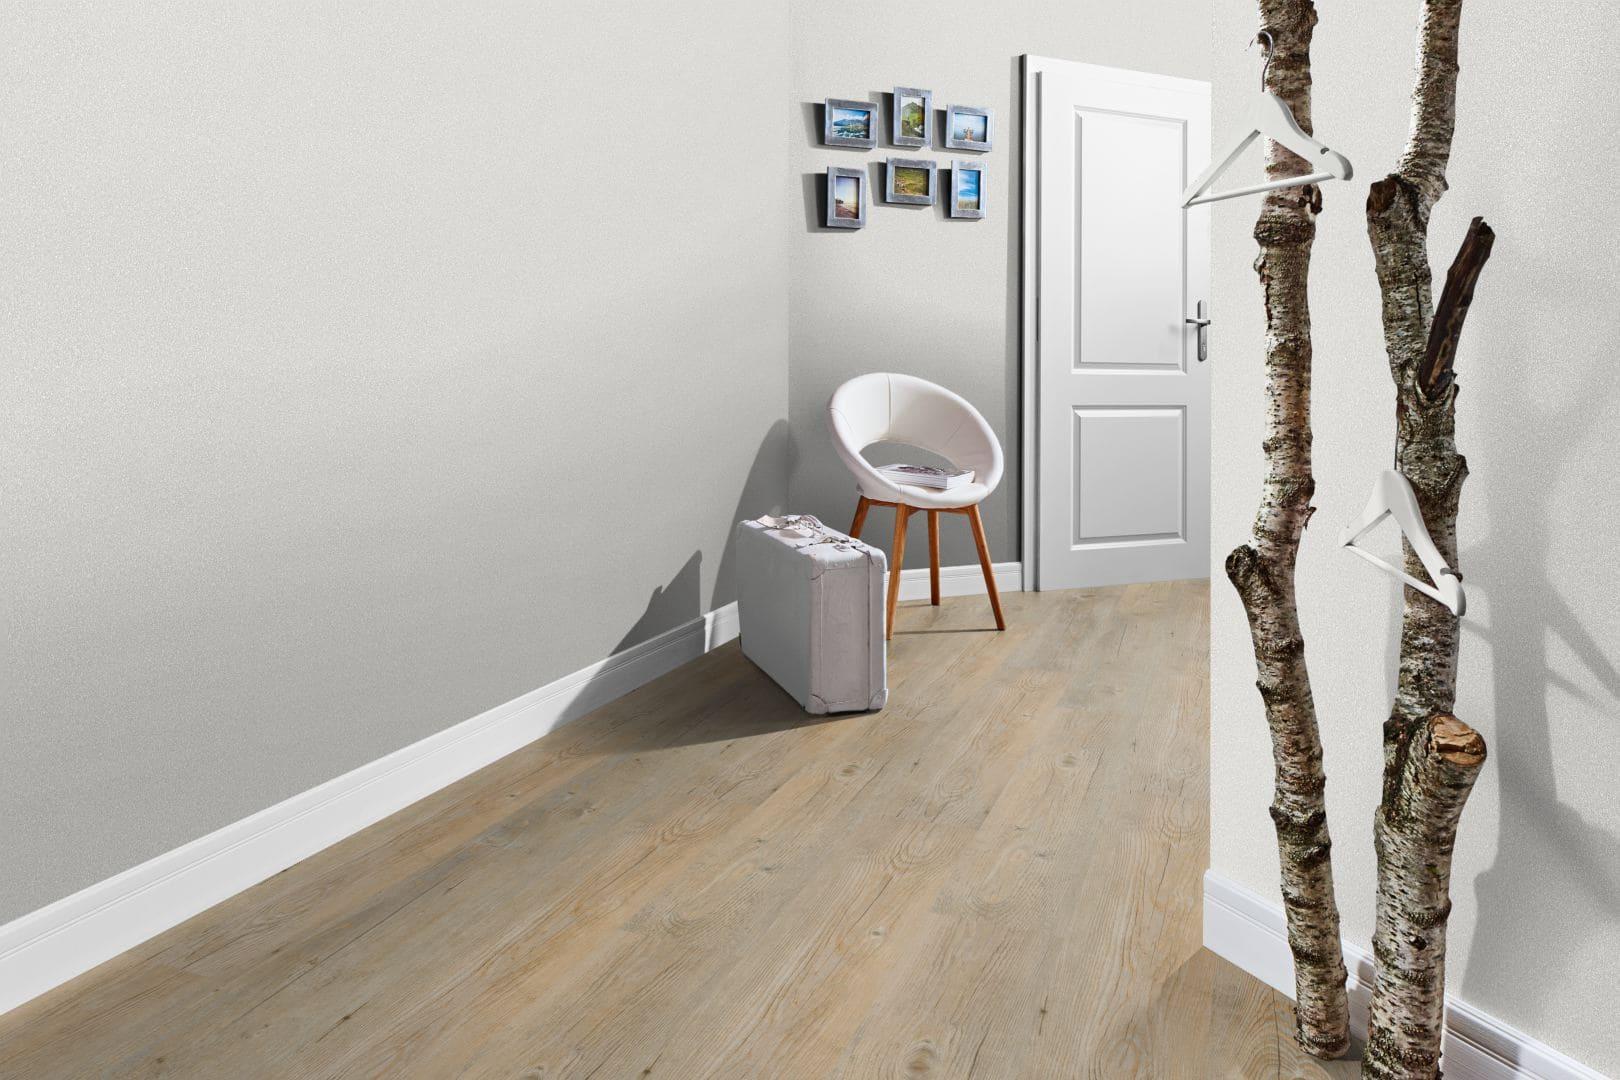 Foto eines hellen Eingangsbereich mit einer grauen Wand